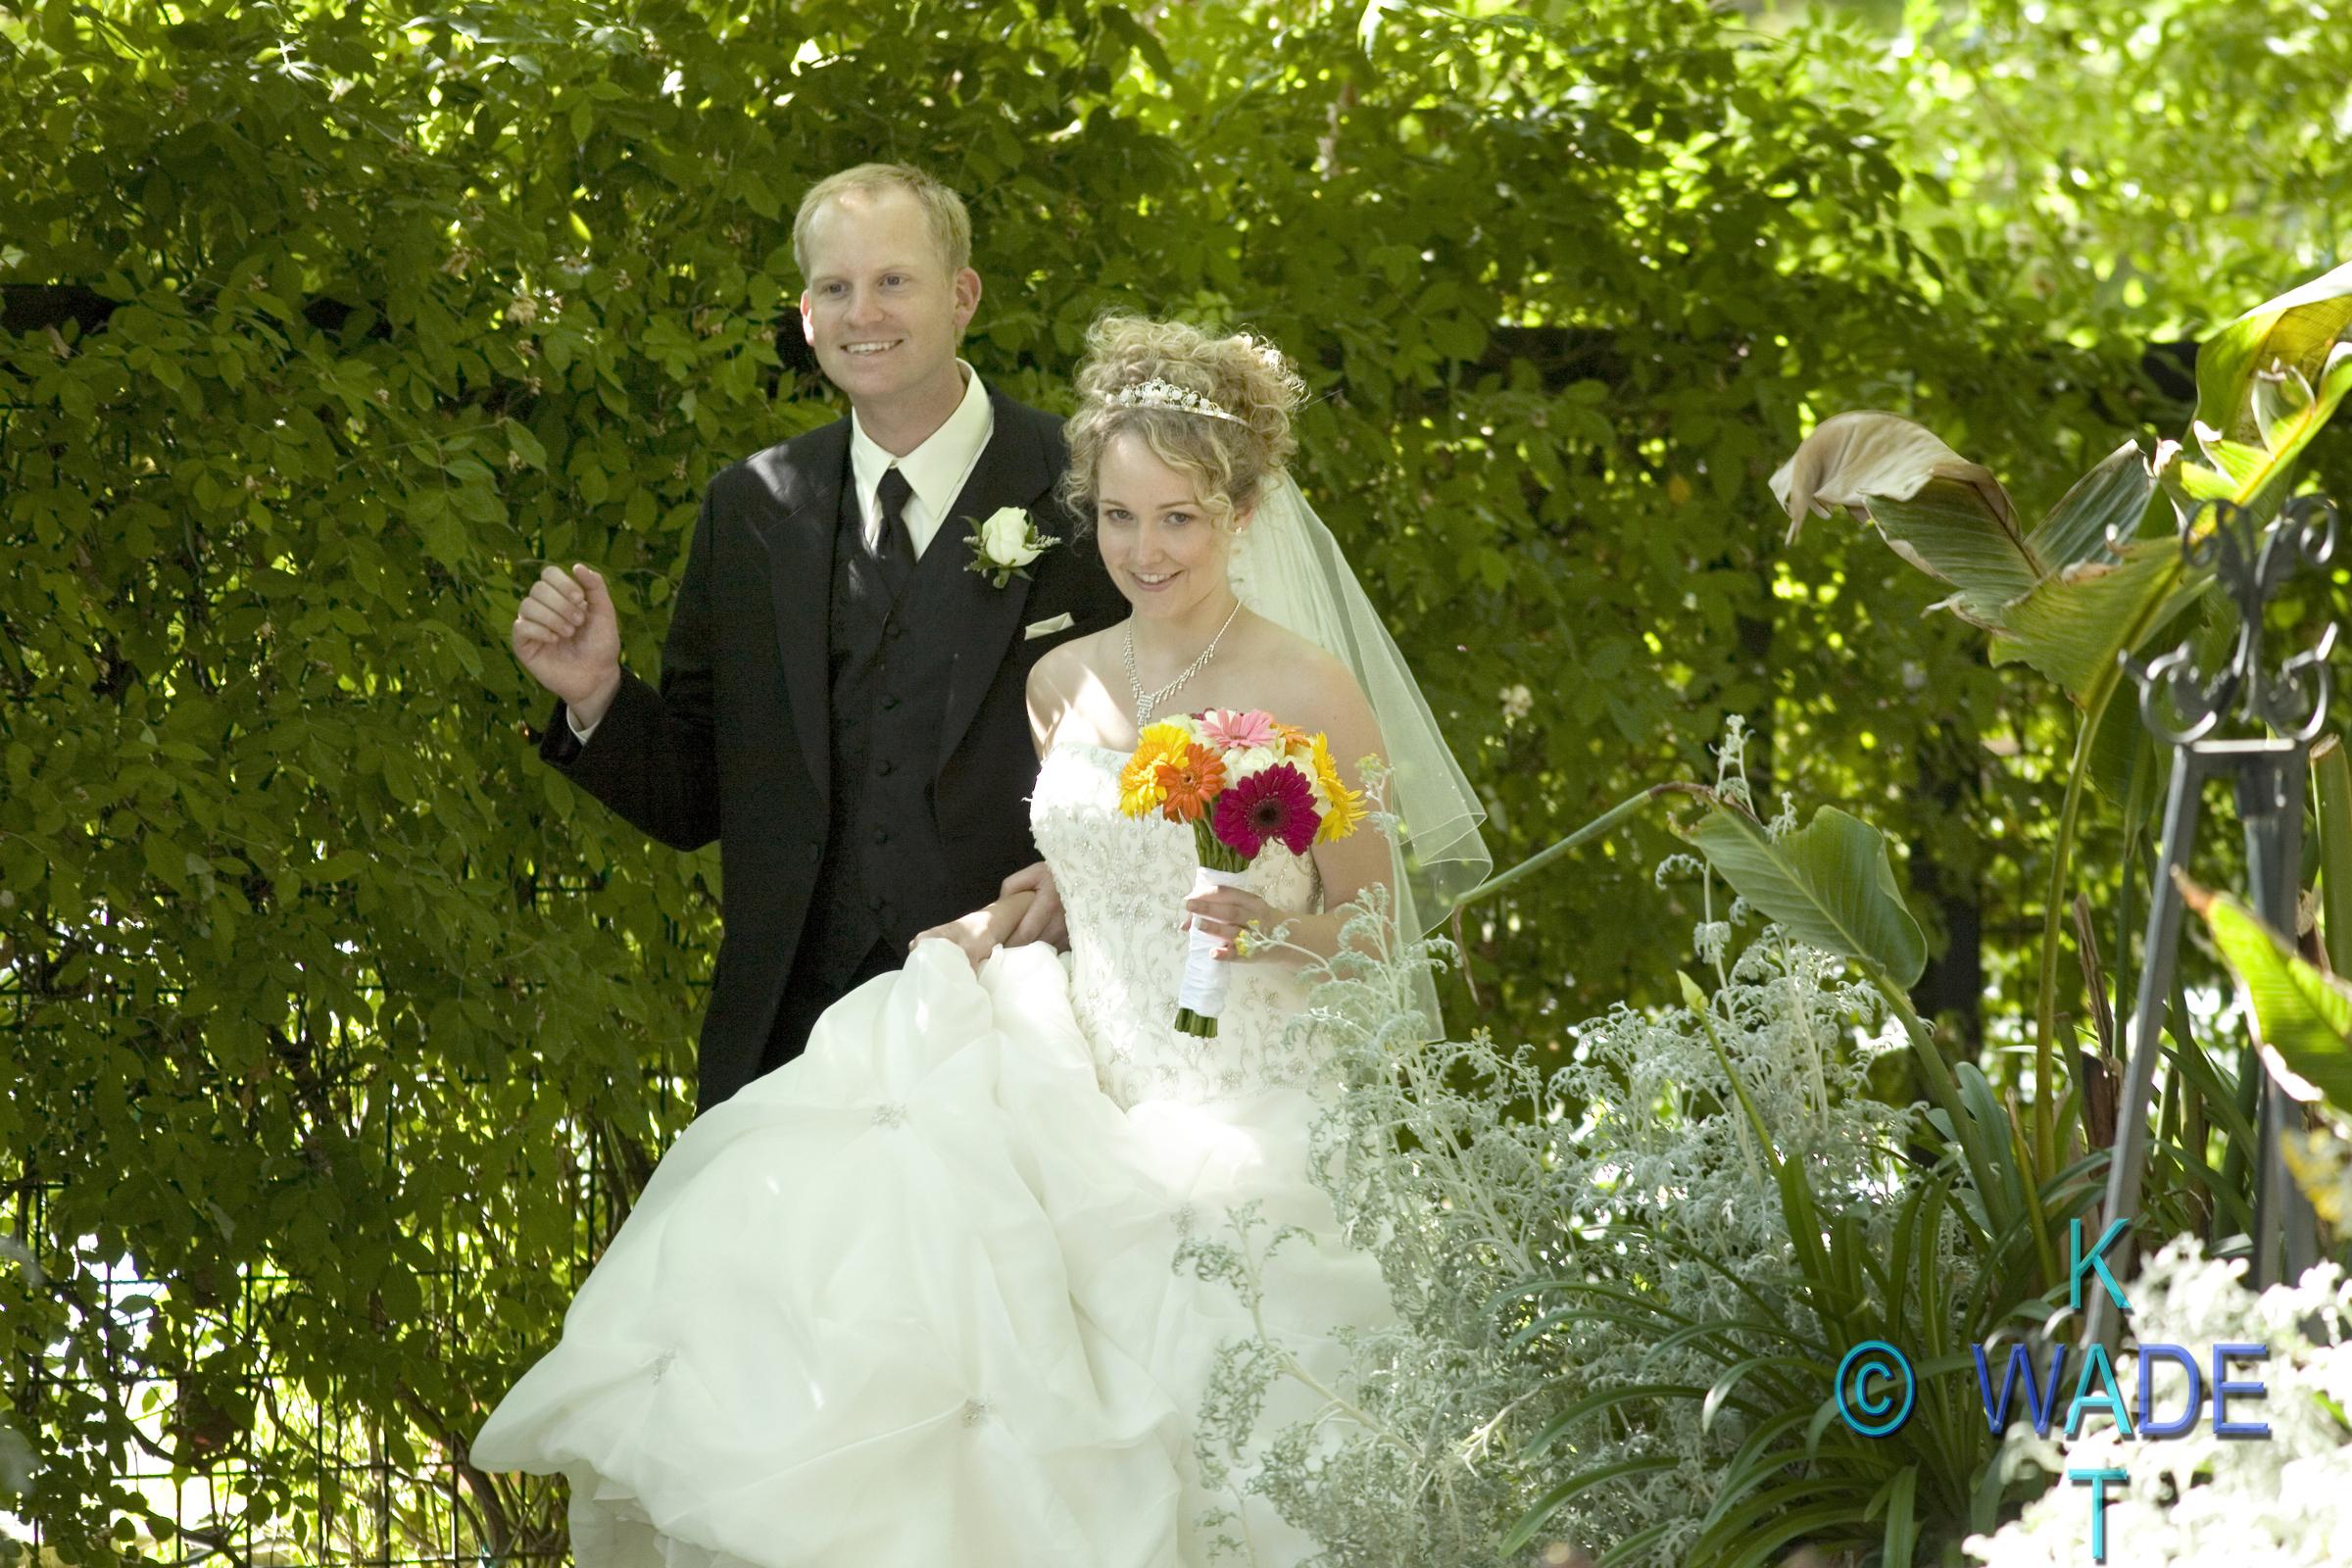 AMANDA_and_JON_Wedding_307_KatWade